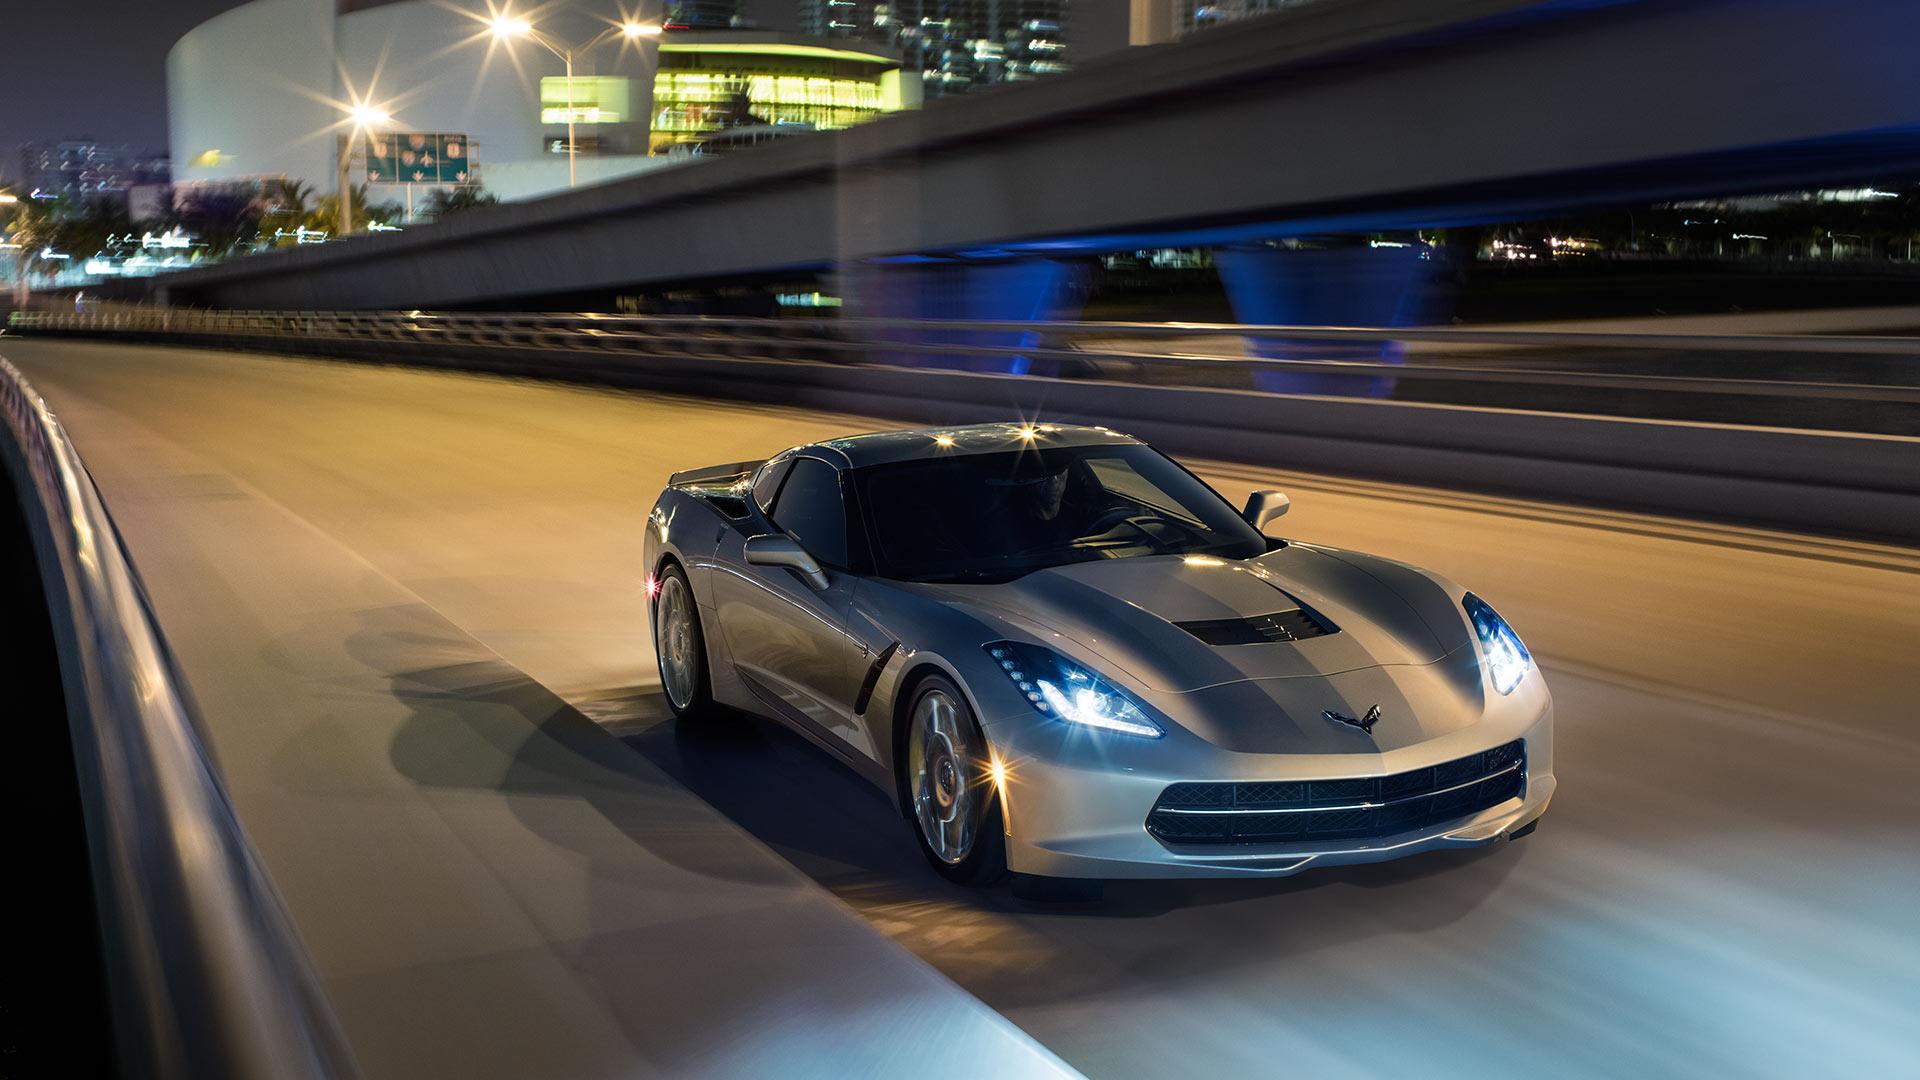 2016 Chevrolet Corvette Stingray © General Motors